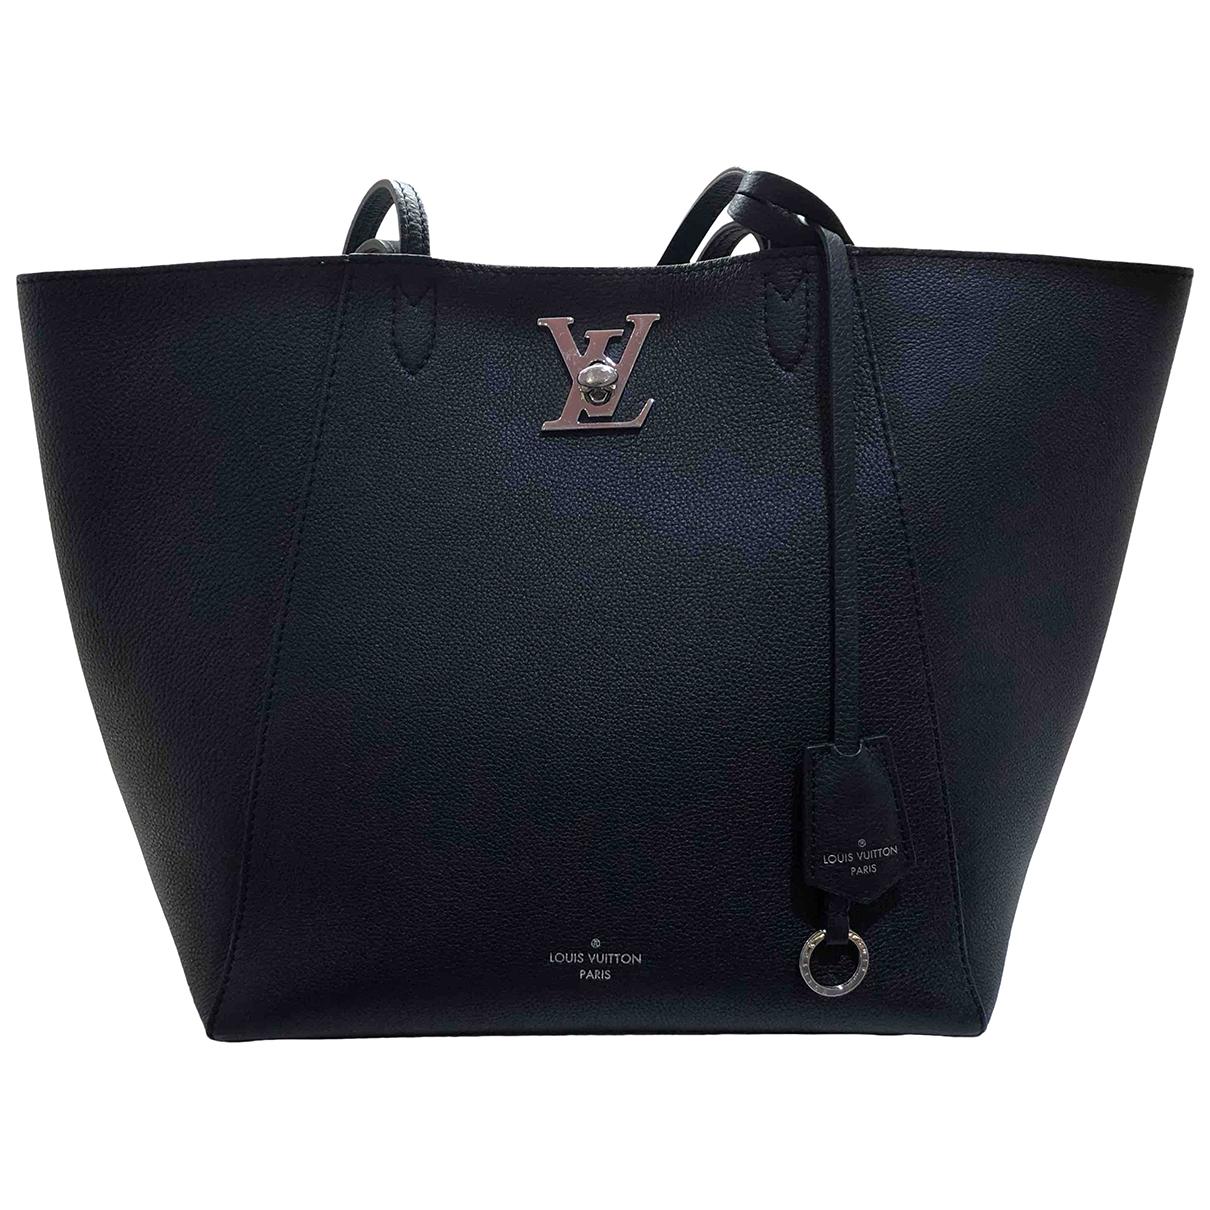 Louis Vuitton - Sac a main Lockme pour femme en cuir - noir